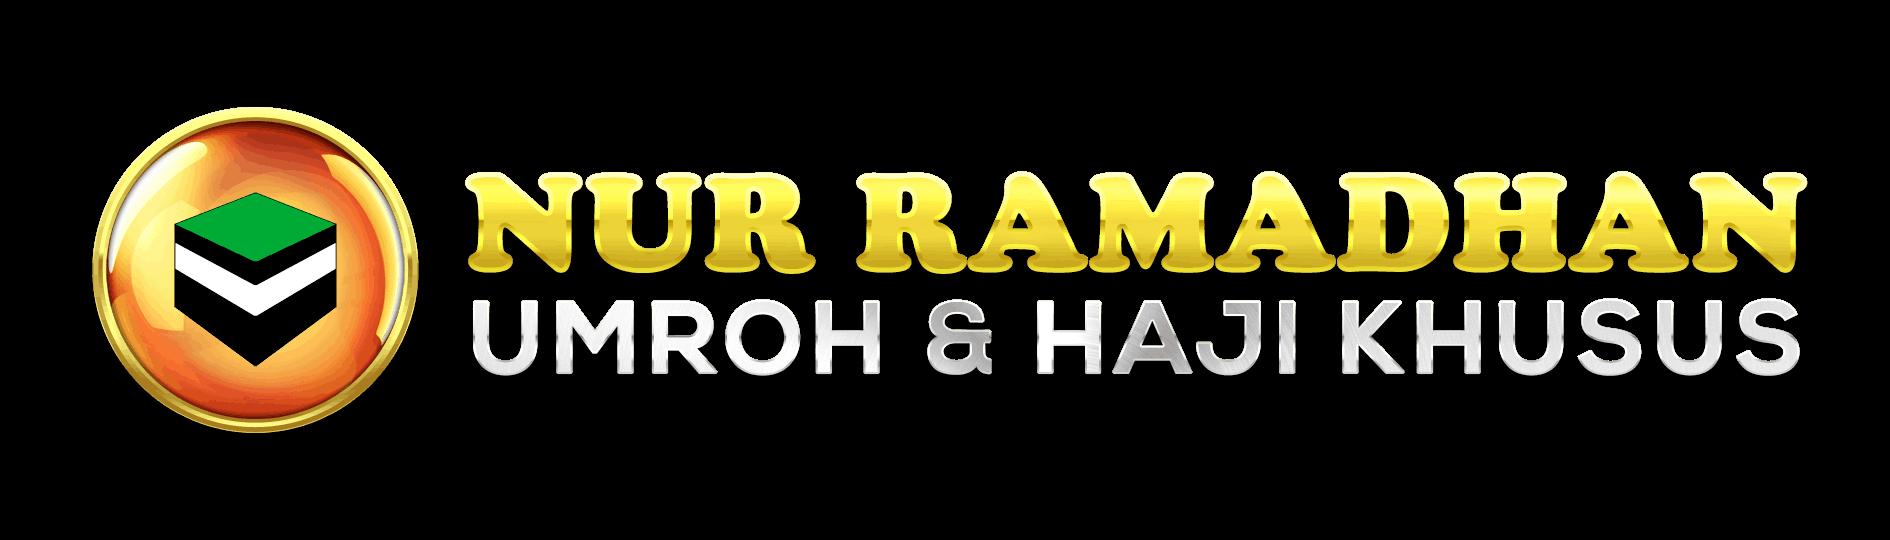 NUR RAMADHAN